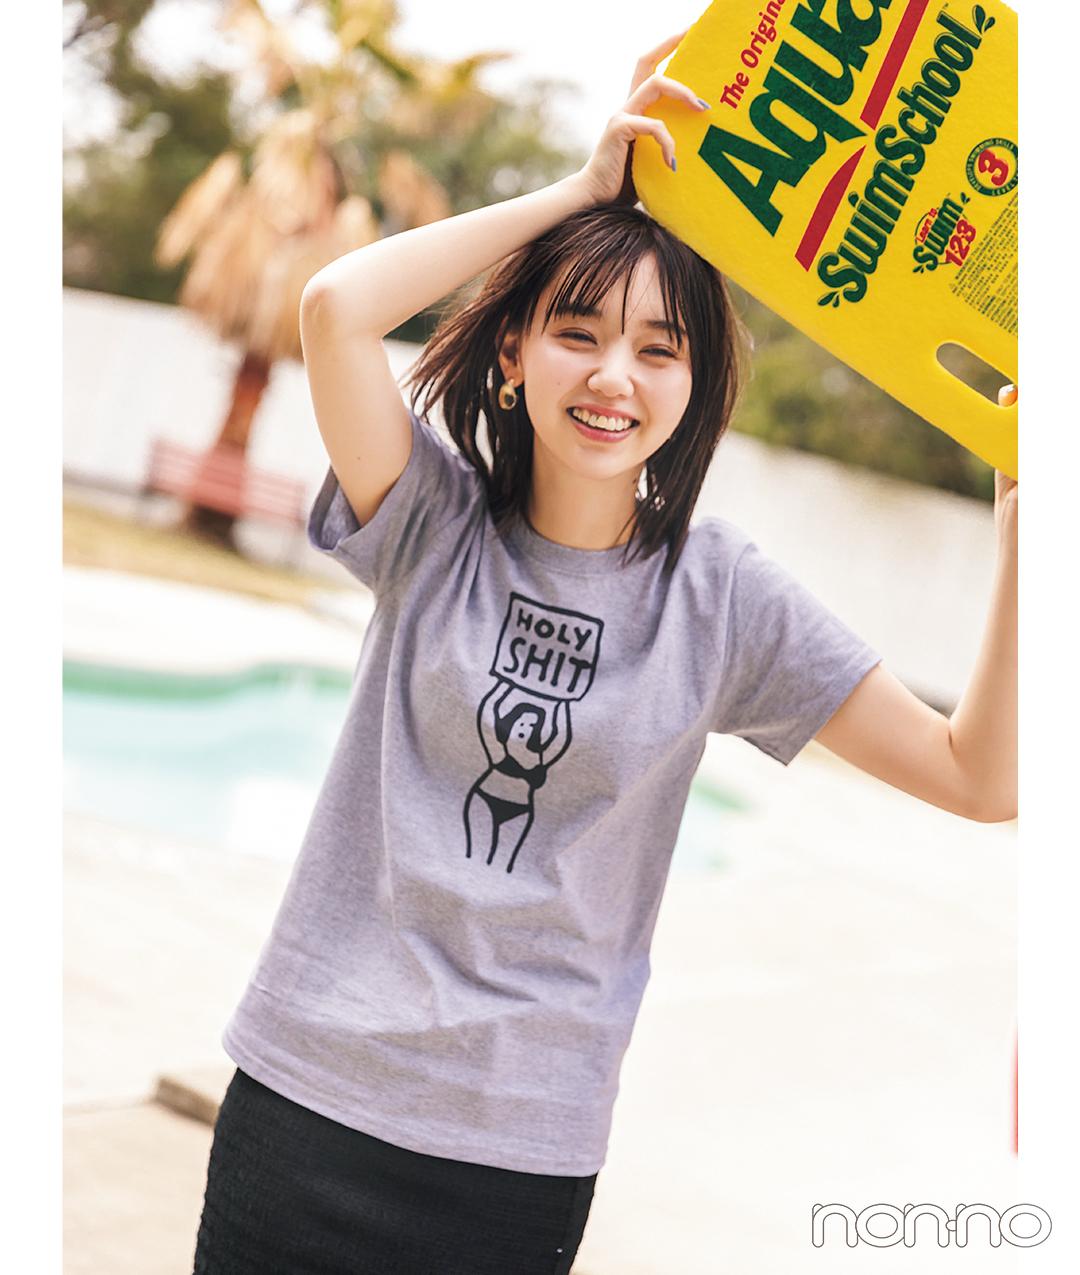 江野沢愛美が着るHOLY SHITショップTシャツコーデ31